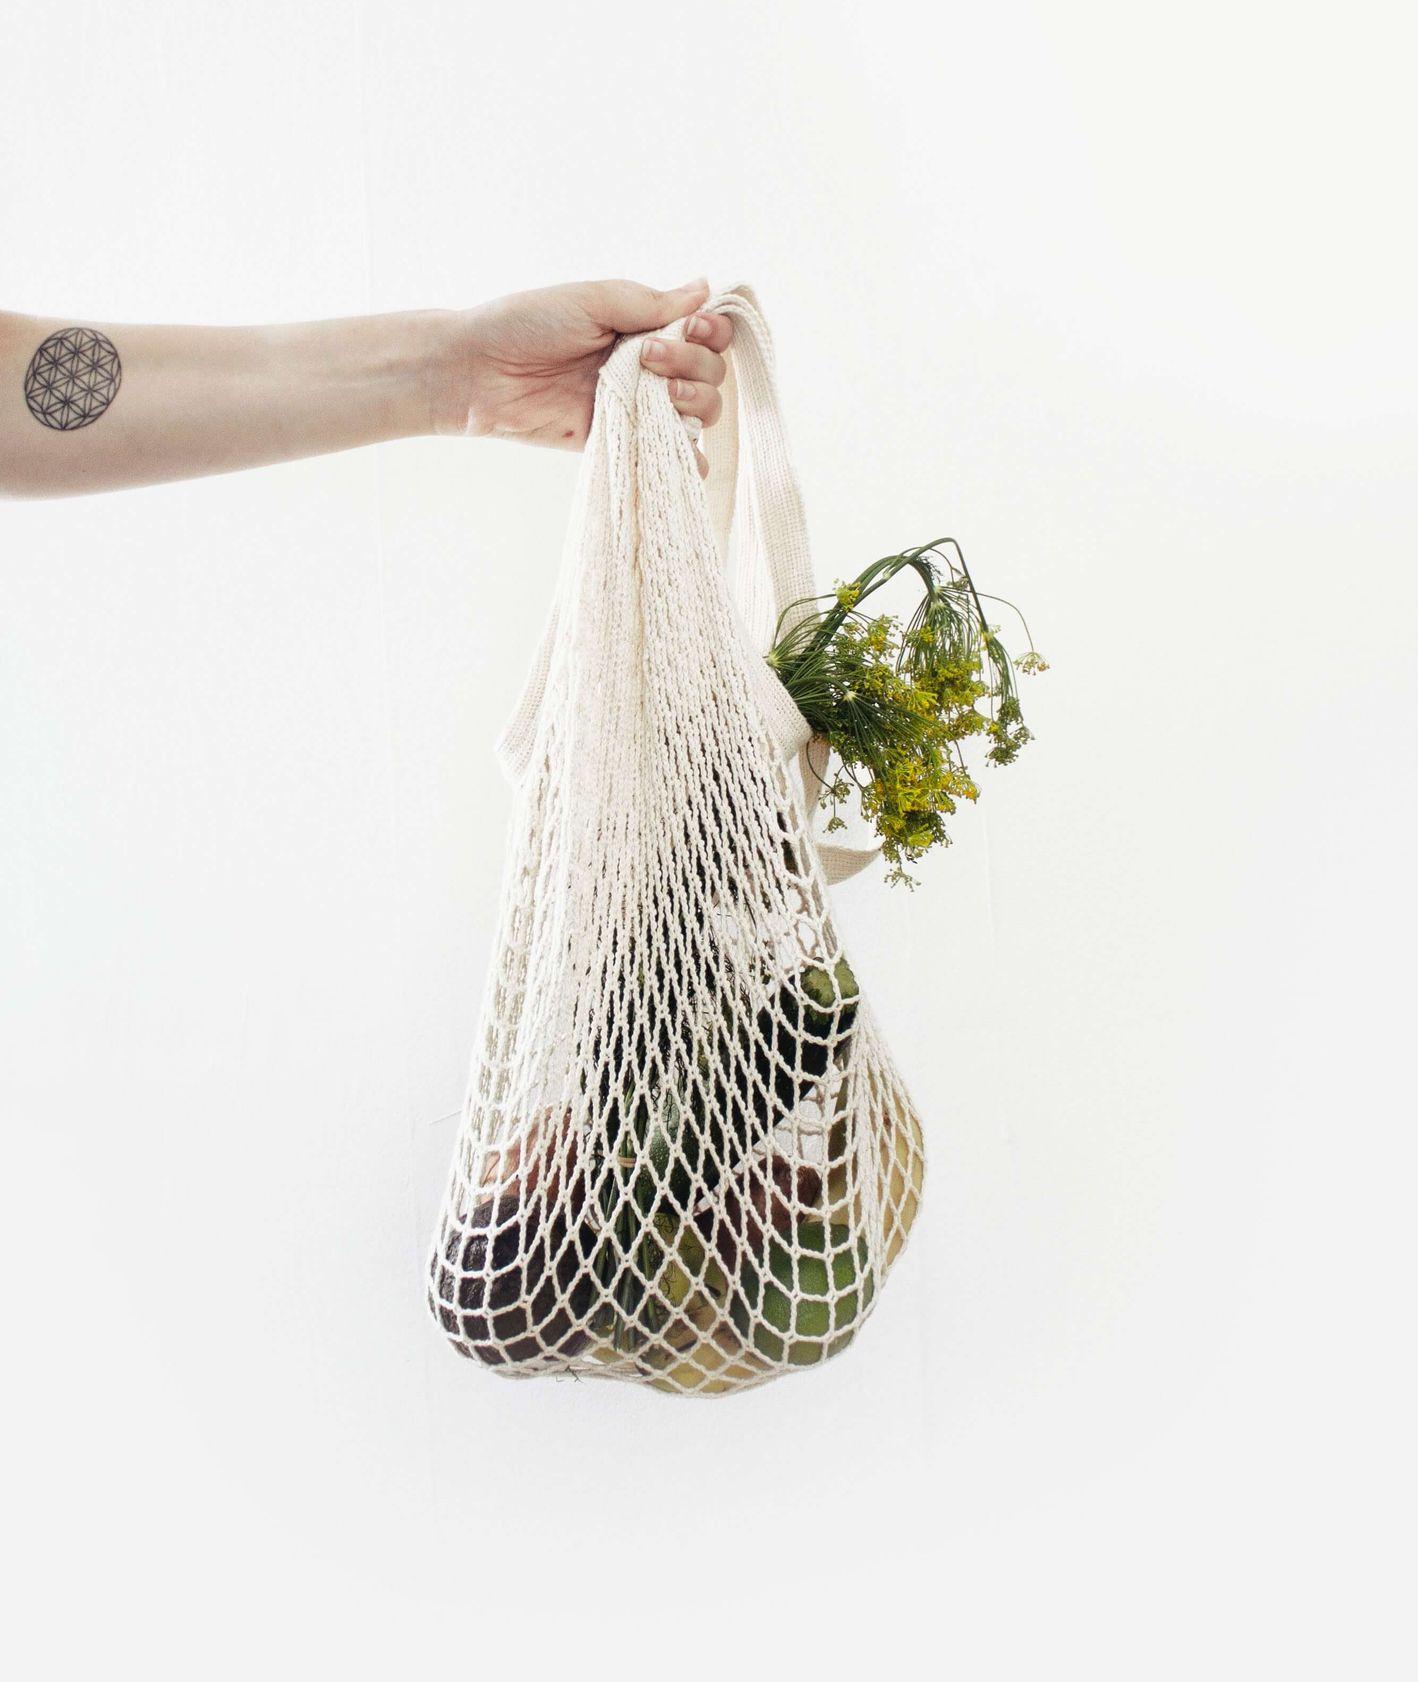 Worek na warzywa z materiału (fot. Sylvie Tittel)